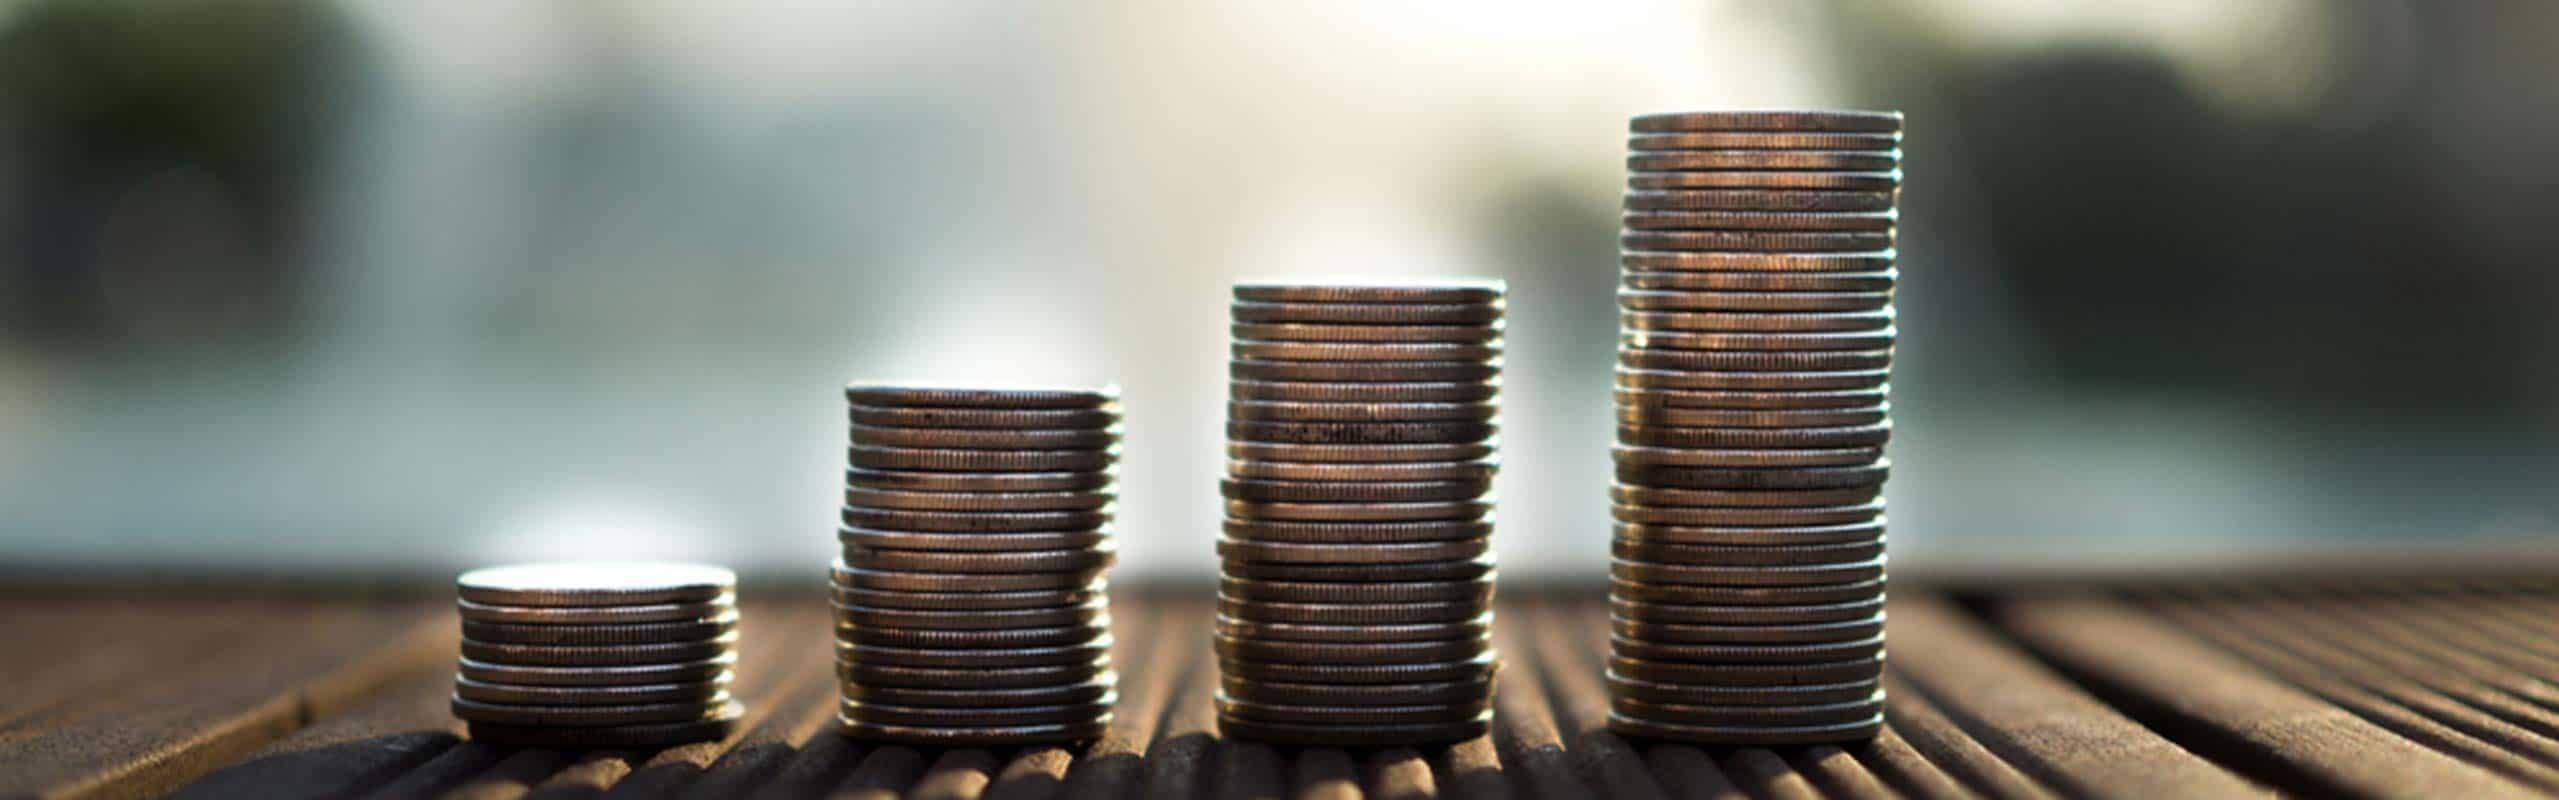 Descubre el cash flow y su importancia en la salud empresarial